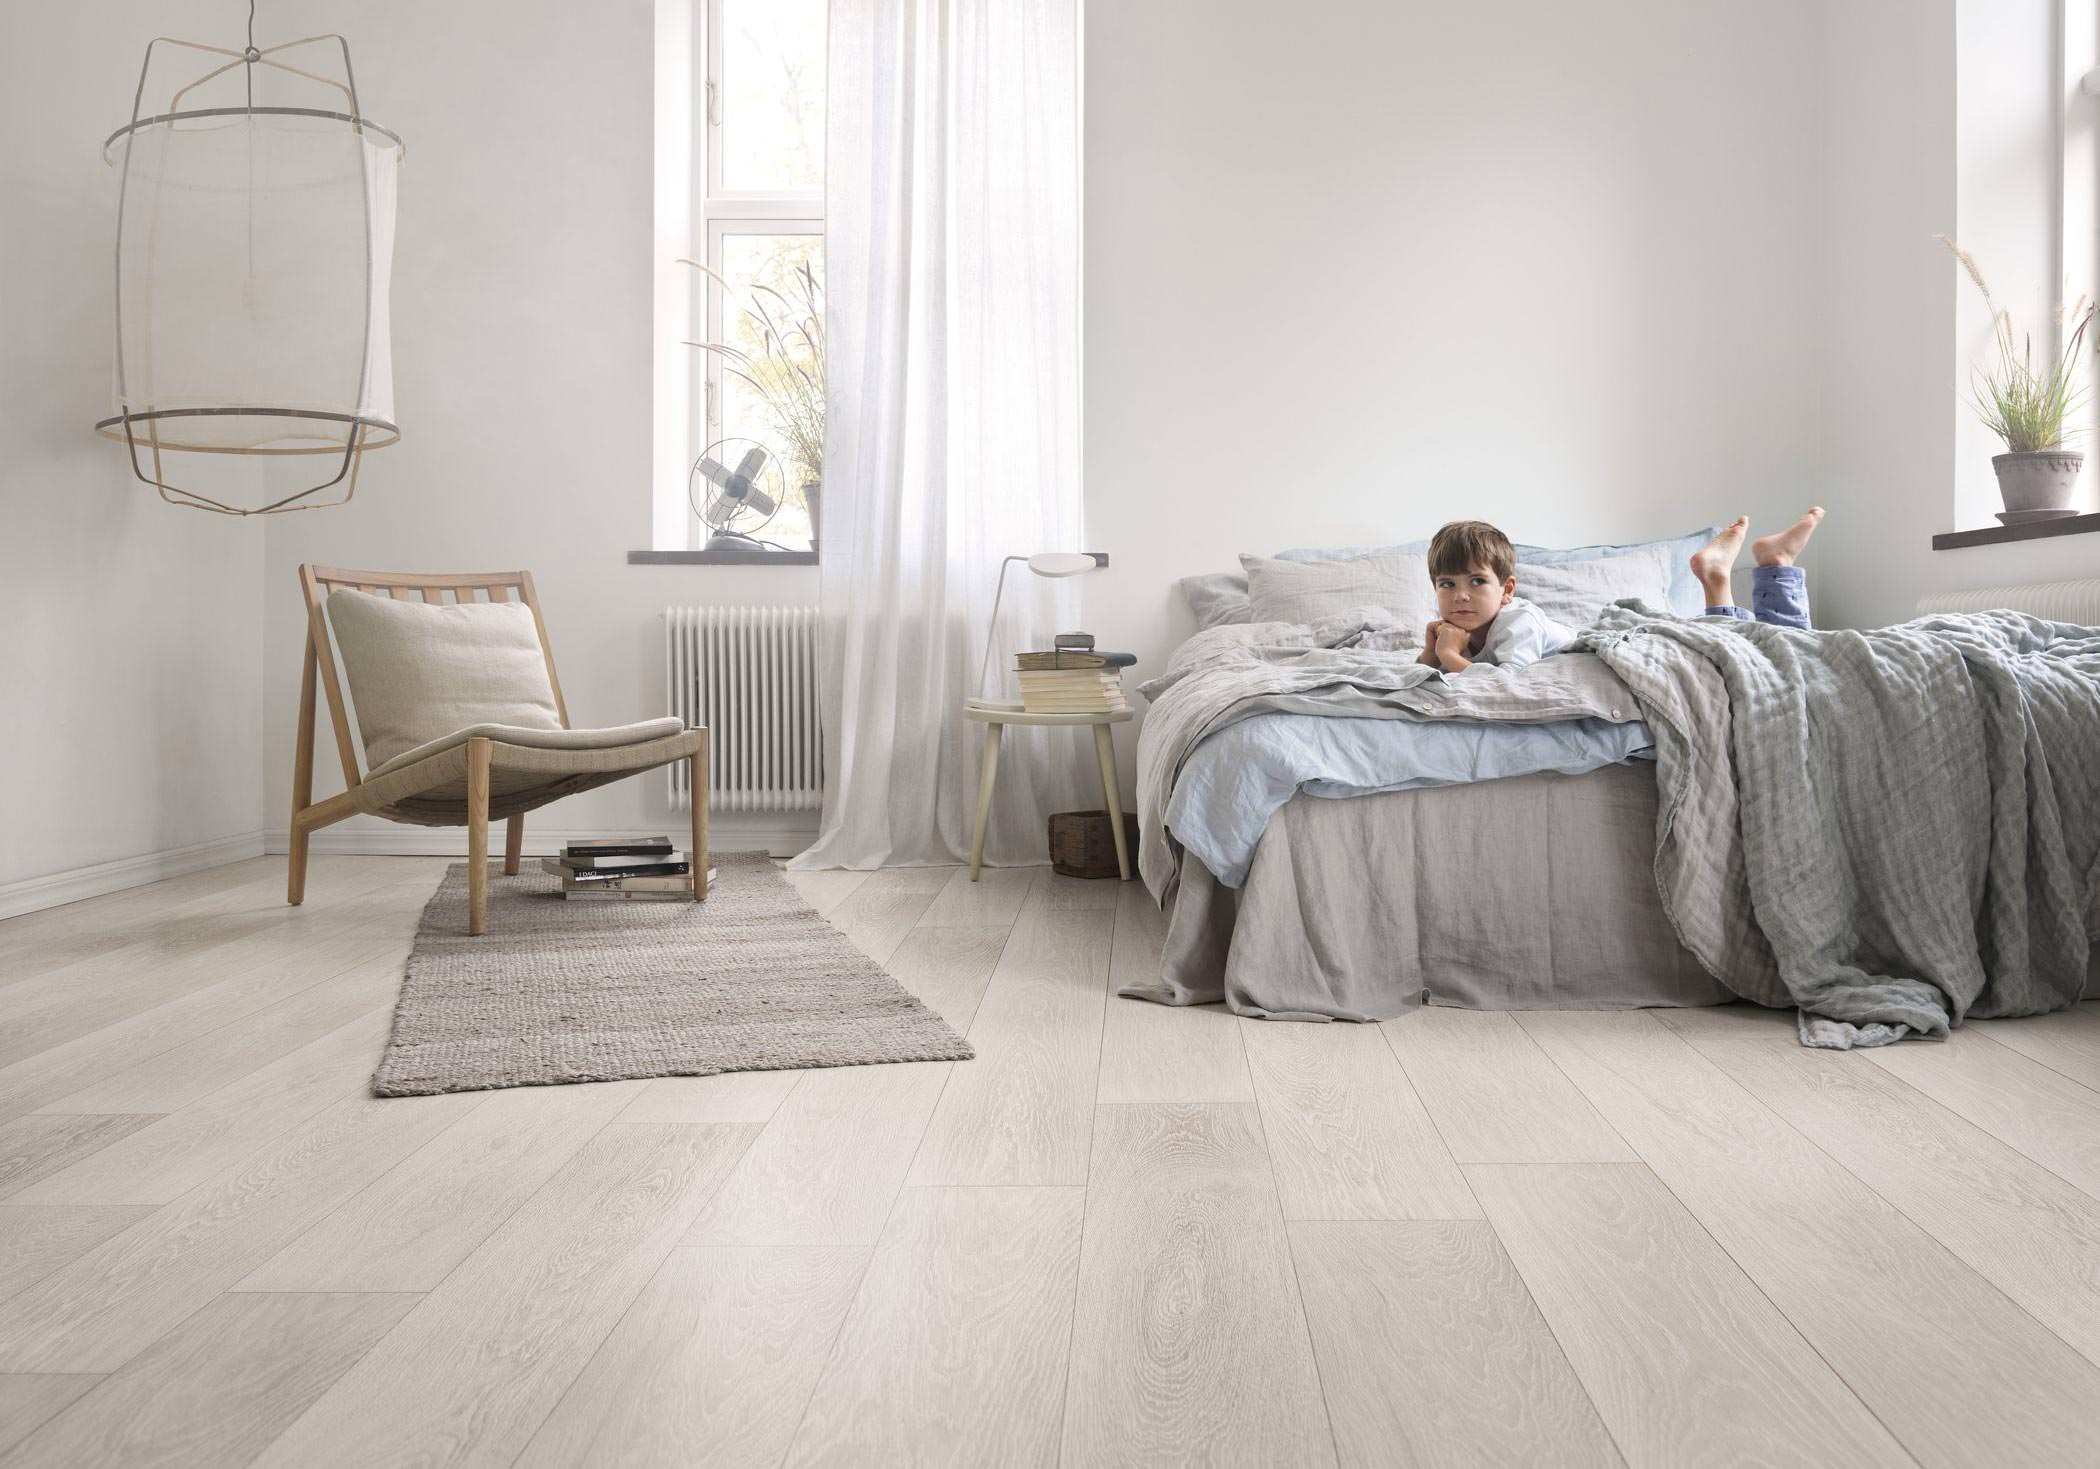 Holzfußboden Erneuern ~ Holzboden renovieren statt rausreißen